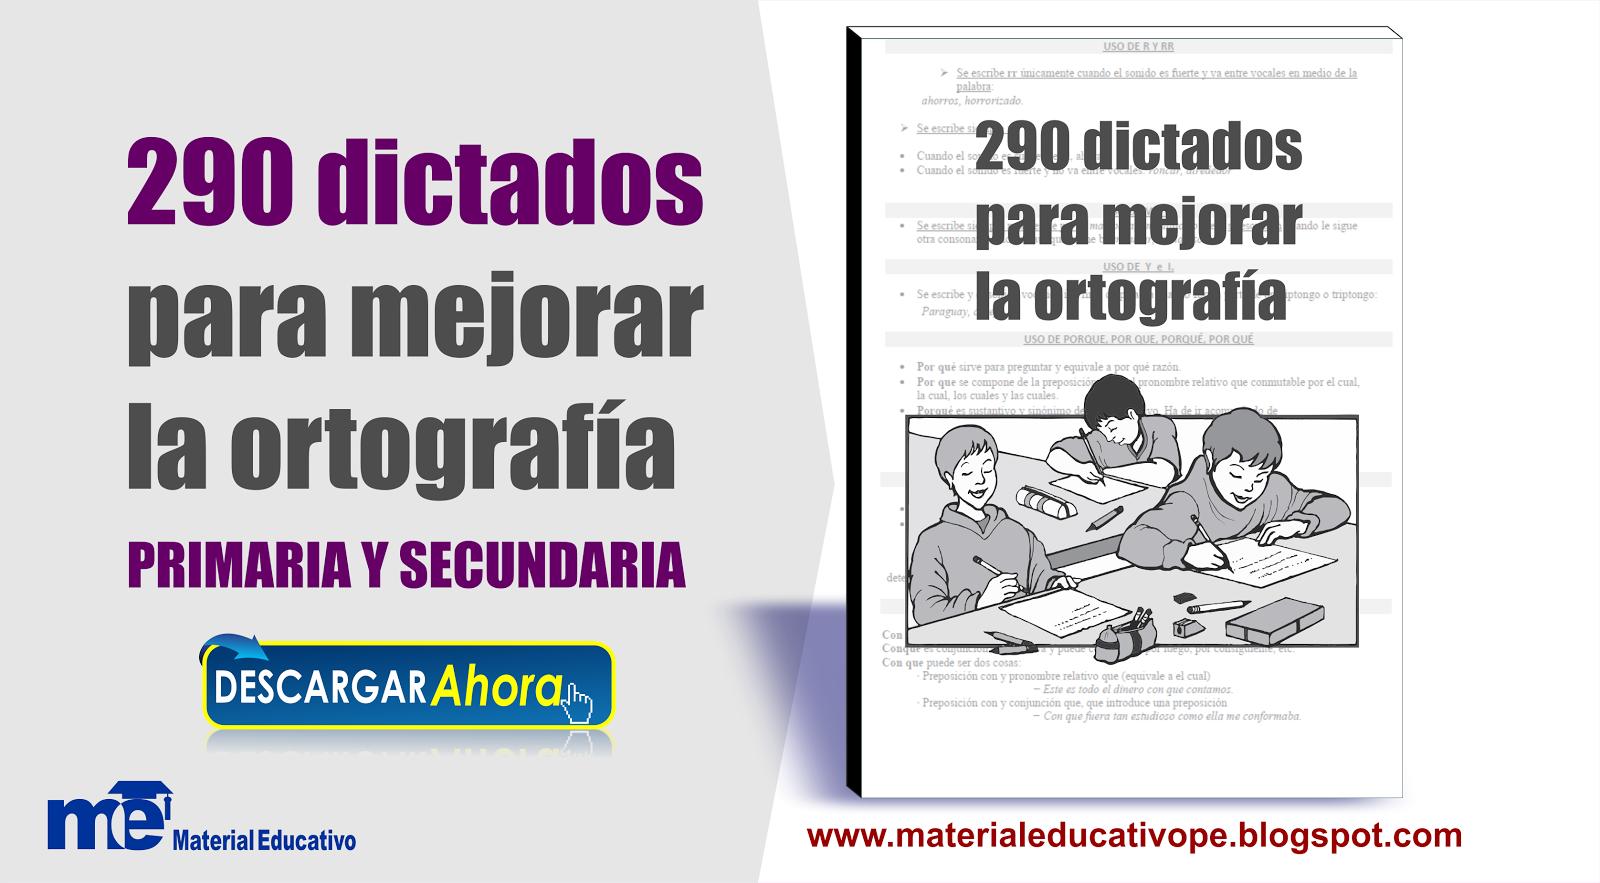 290 dictados para mejorar la ortografía para primaria y secundaria ...